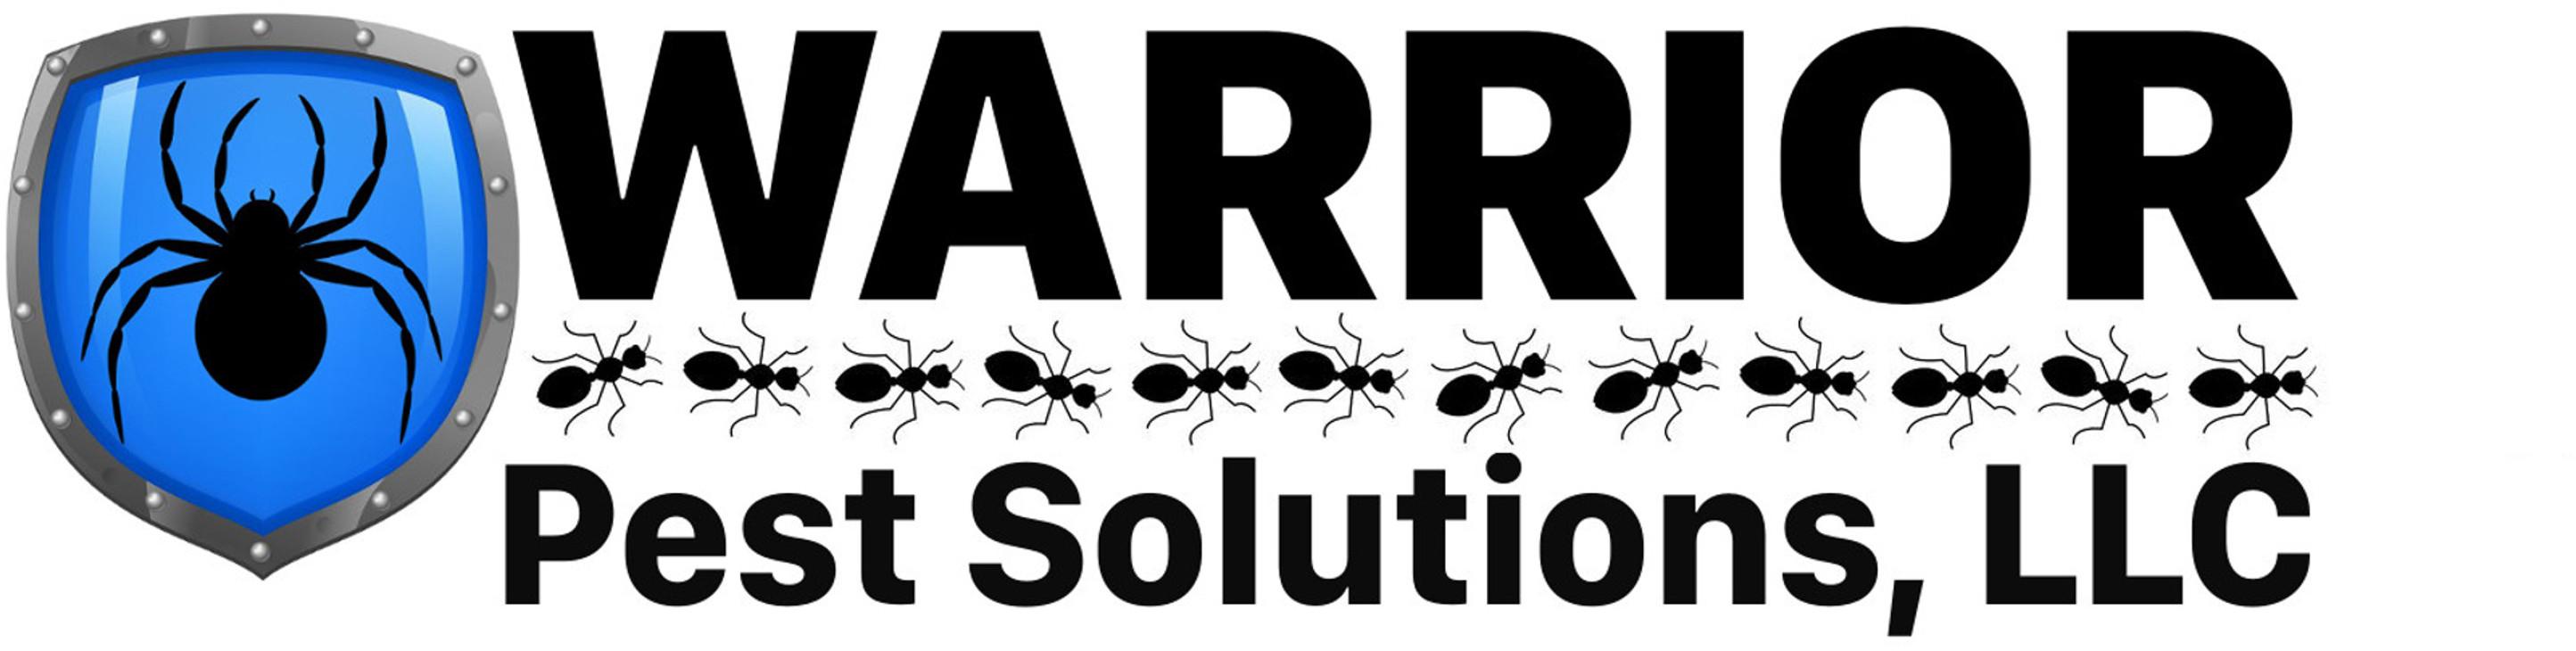 LabelSDS - our clients - Warrior Pest Solutions